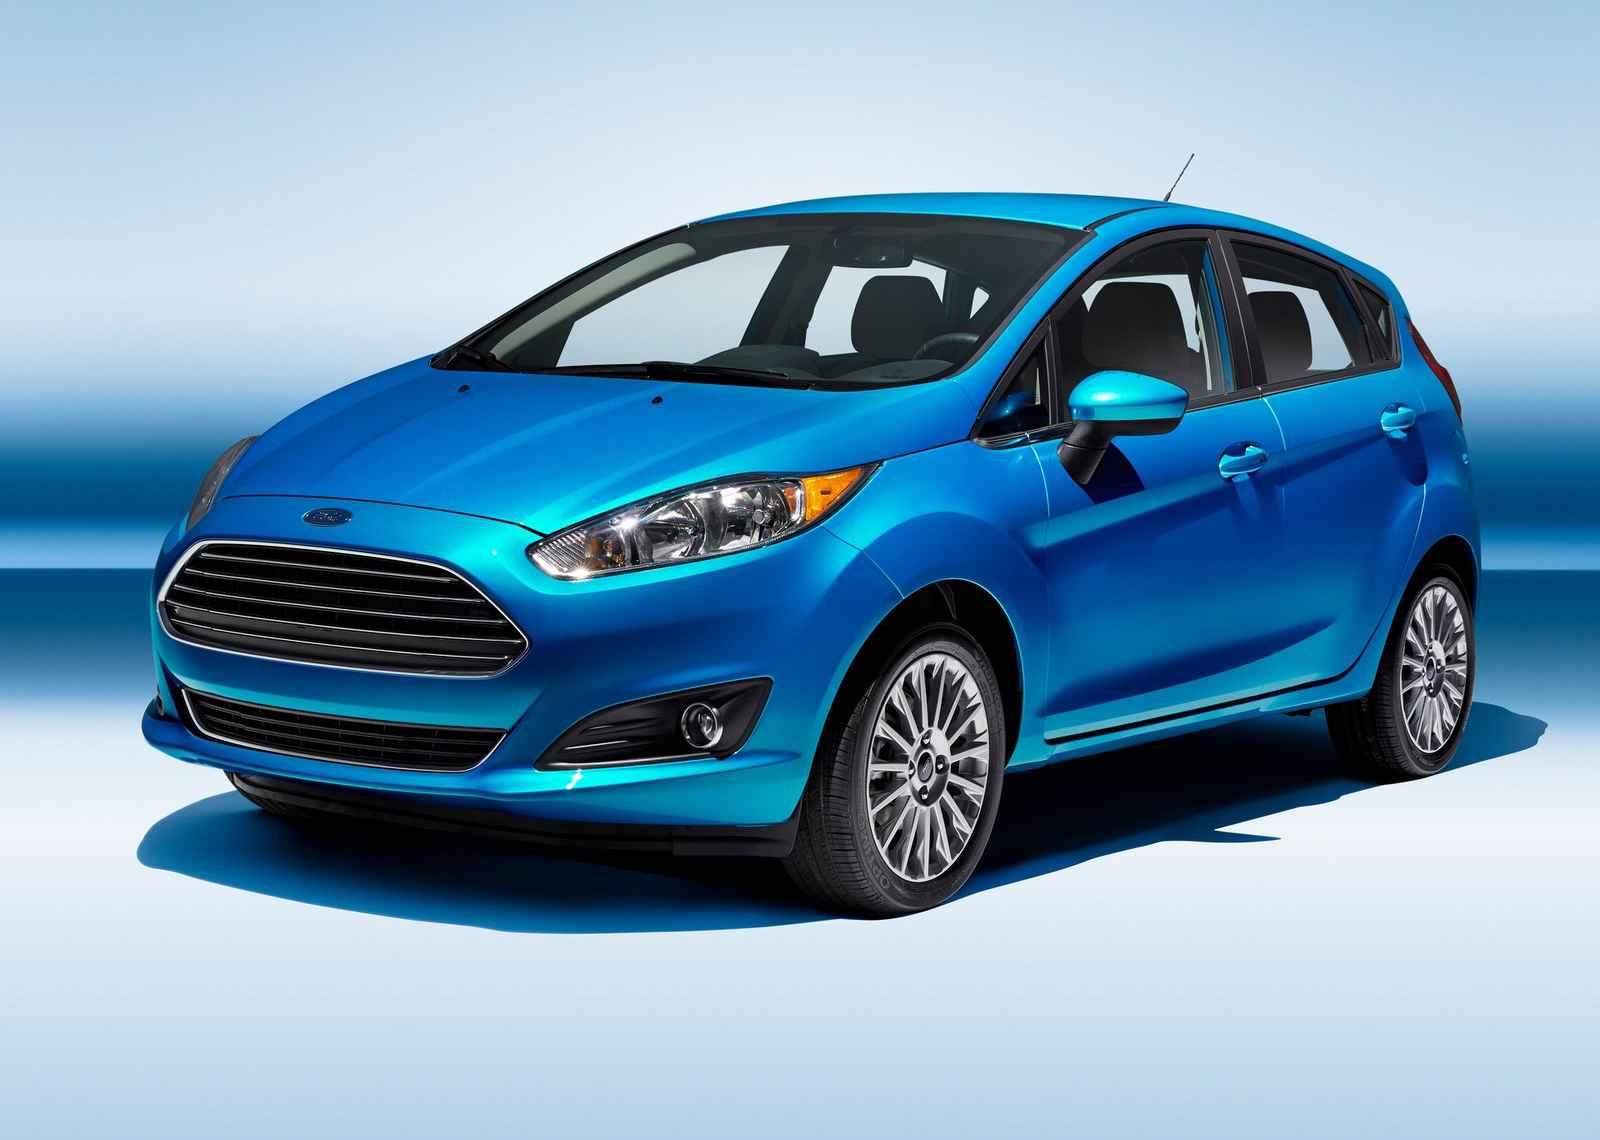 B Segmenti Ford Fiesta